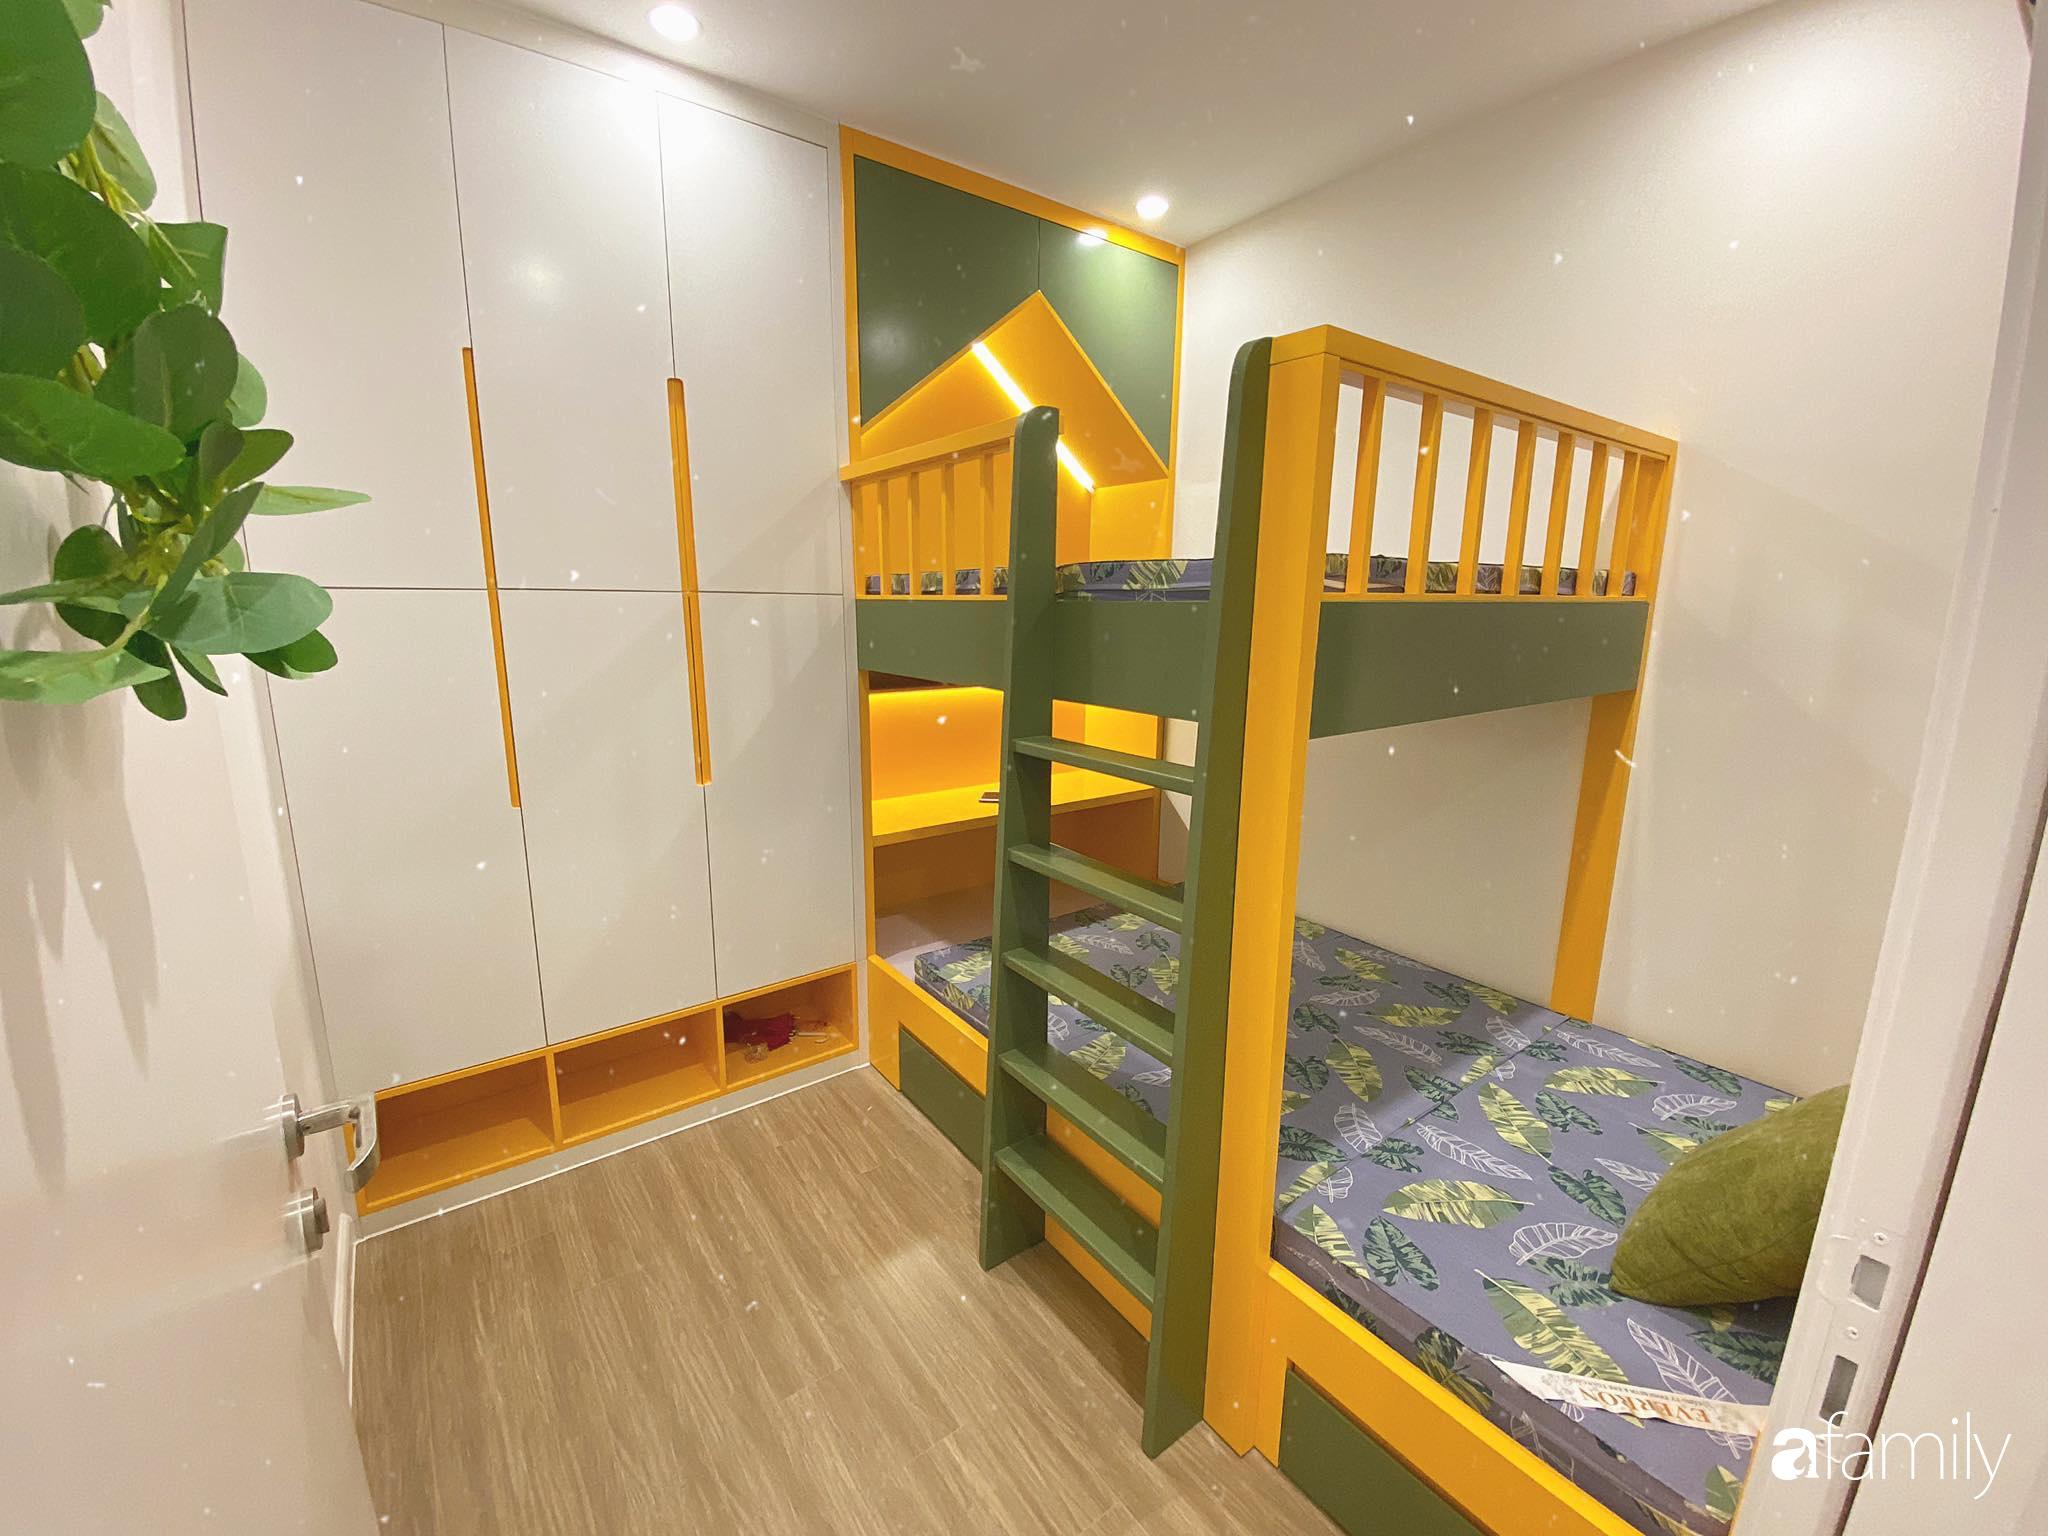 Căn hộ 59m² màu xanh lá xua tan nóng bức mùa hè có chi phí hoàn thiện 225 triệu đồng ở Hà Nội - Ảnh 19.